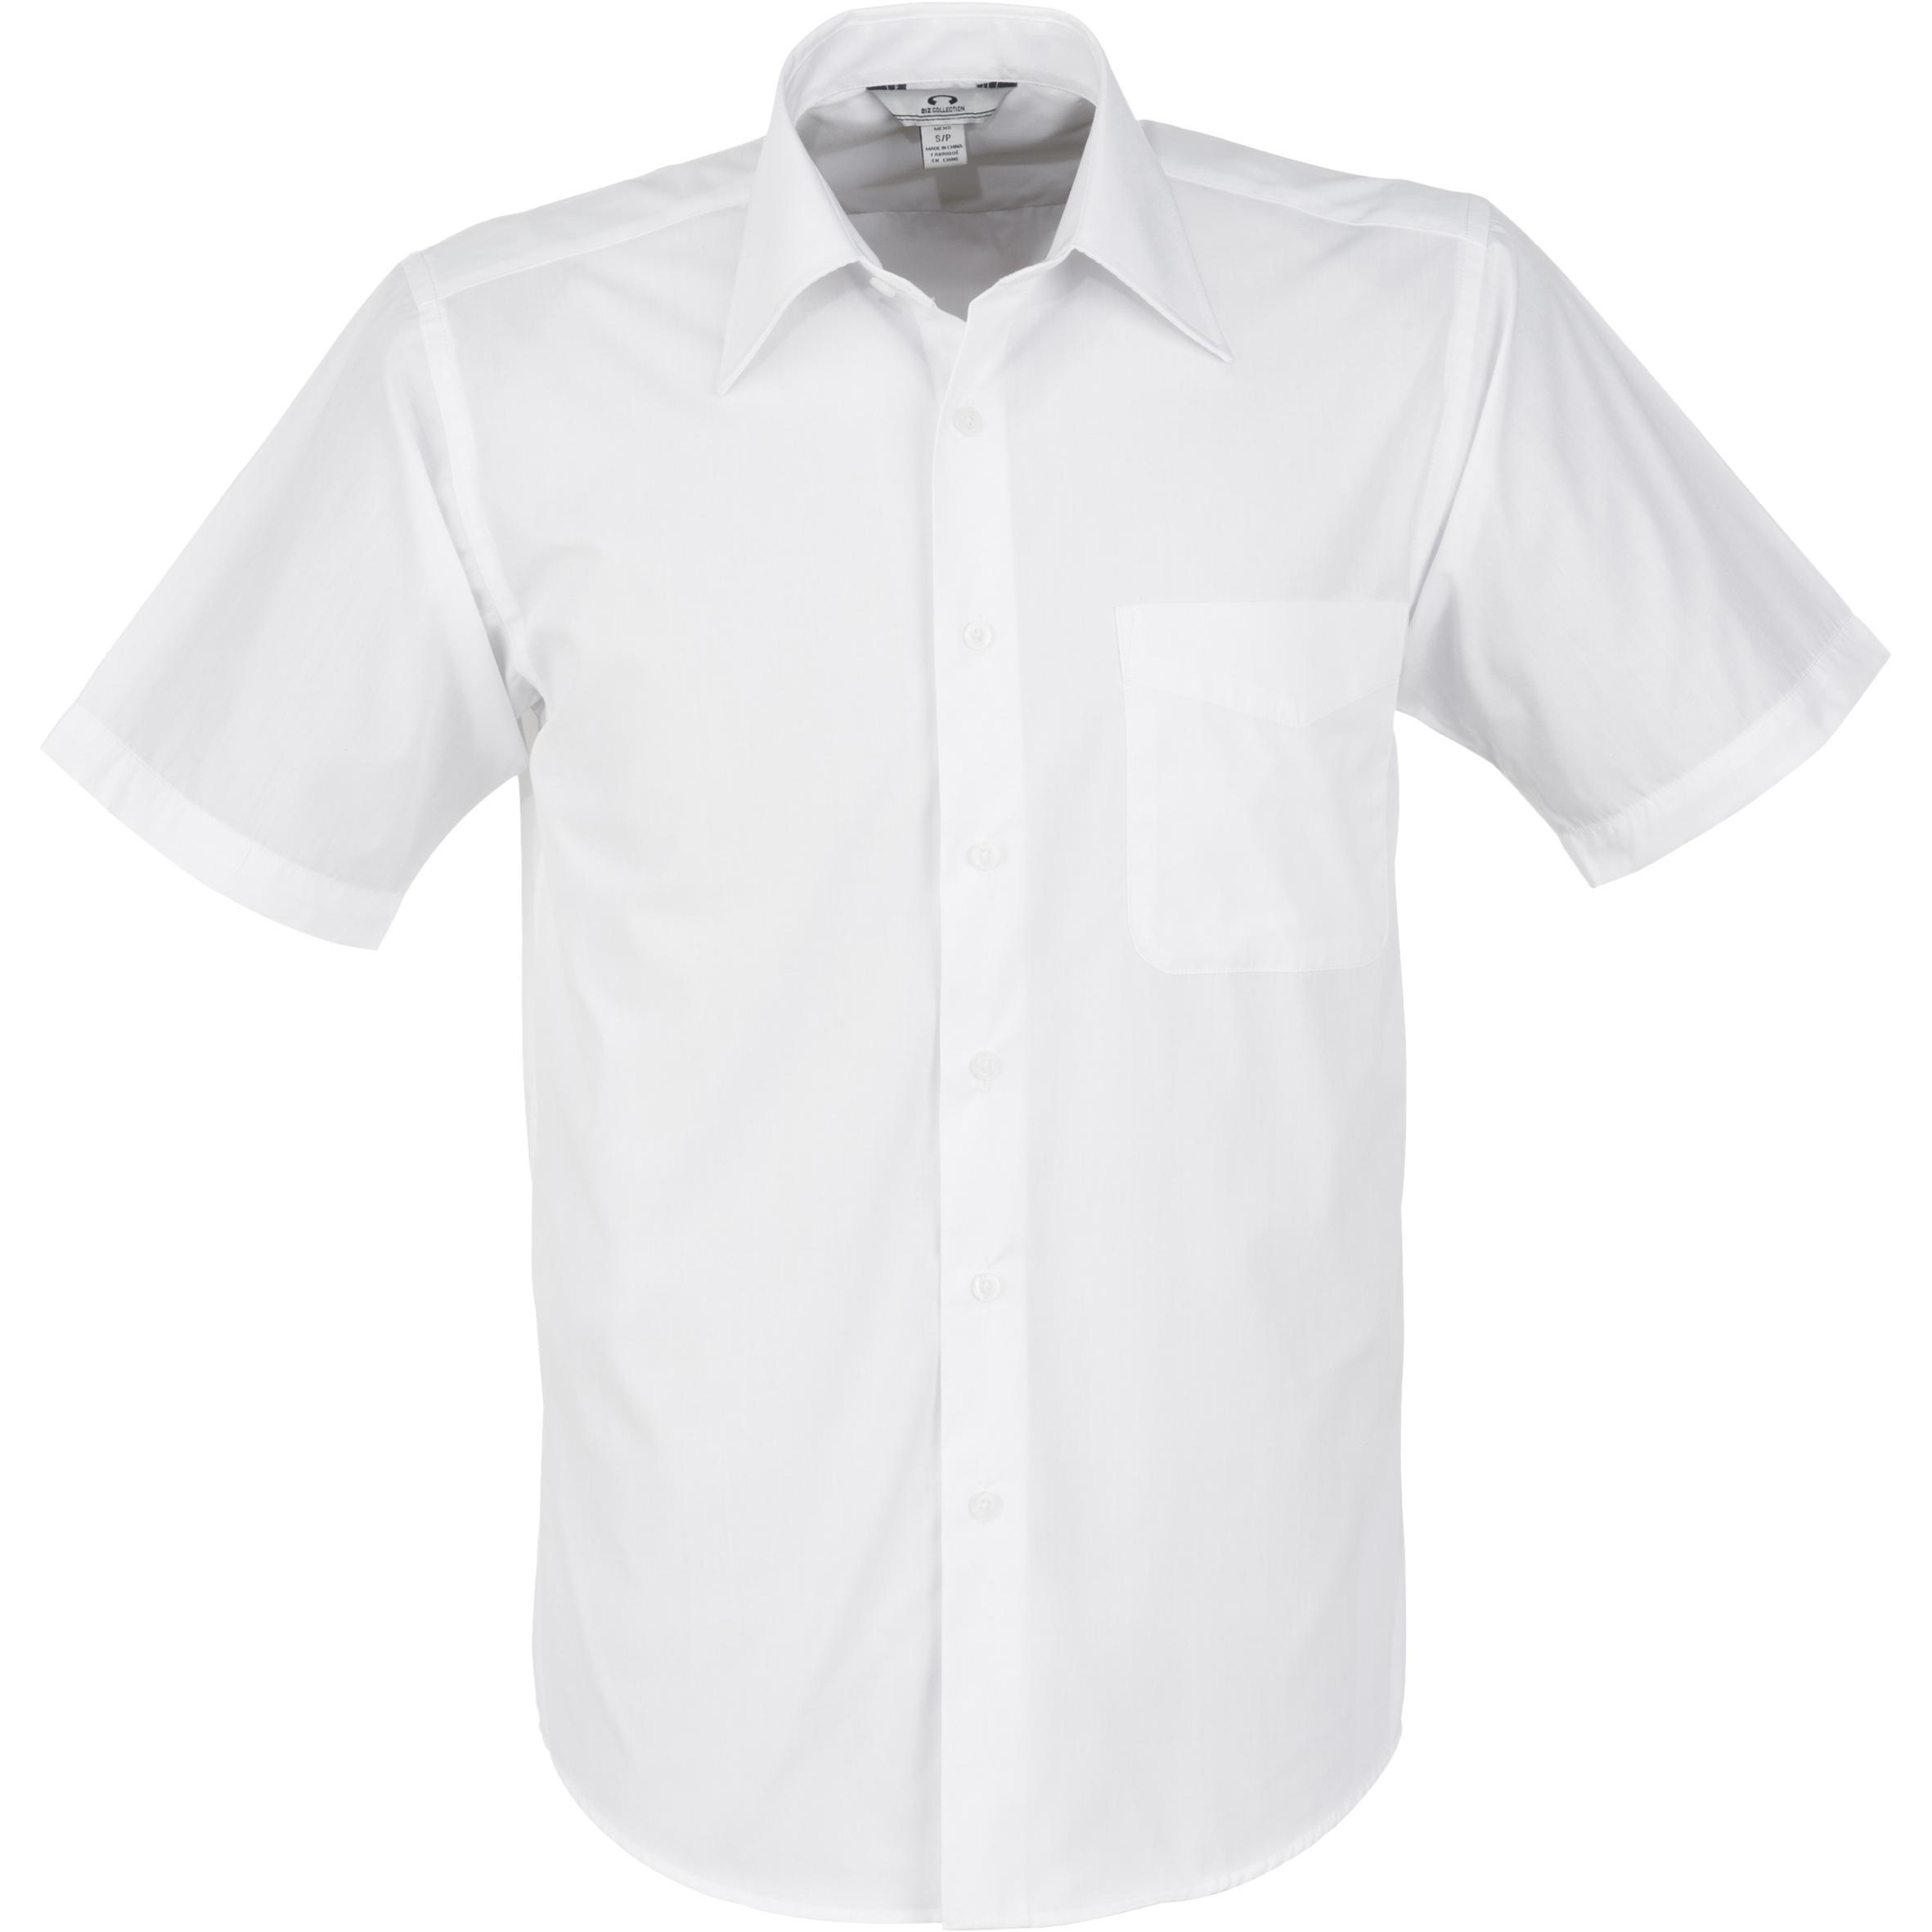 Mens Short Sleeve Metro Shirt - White Only